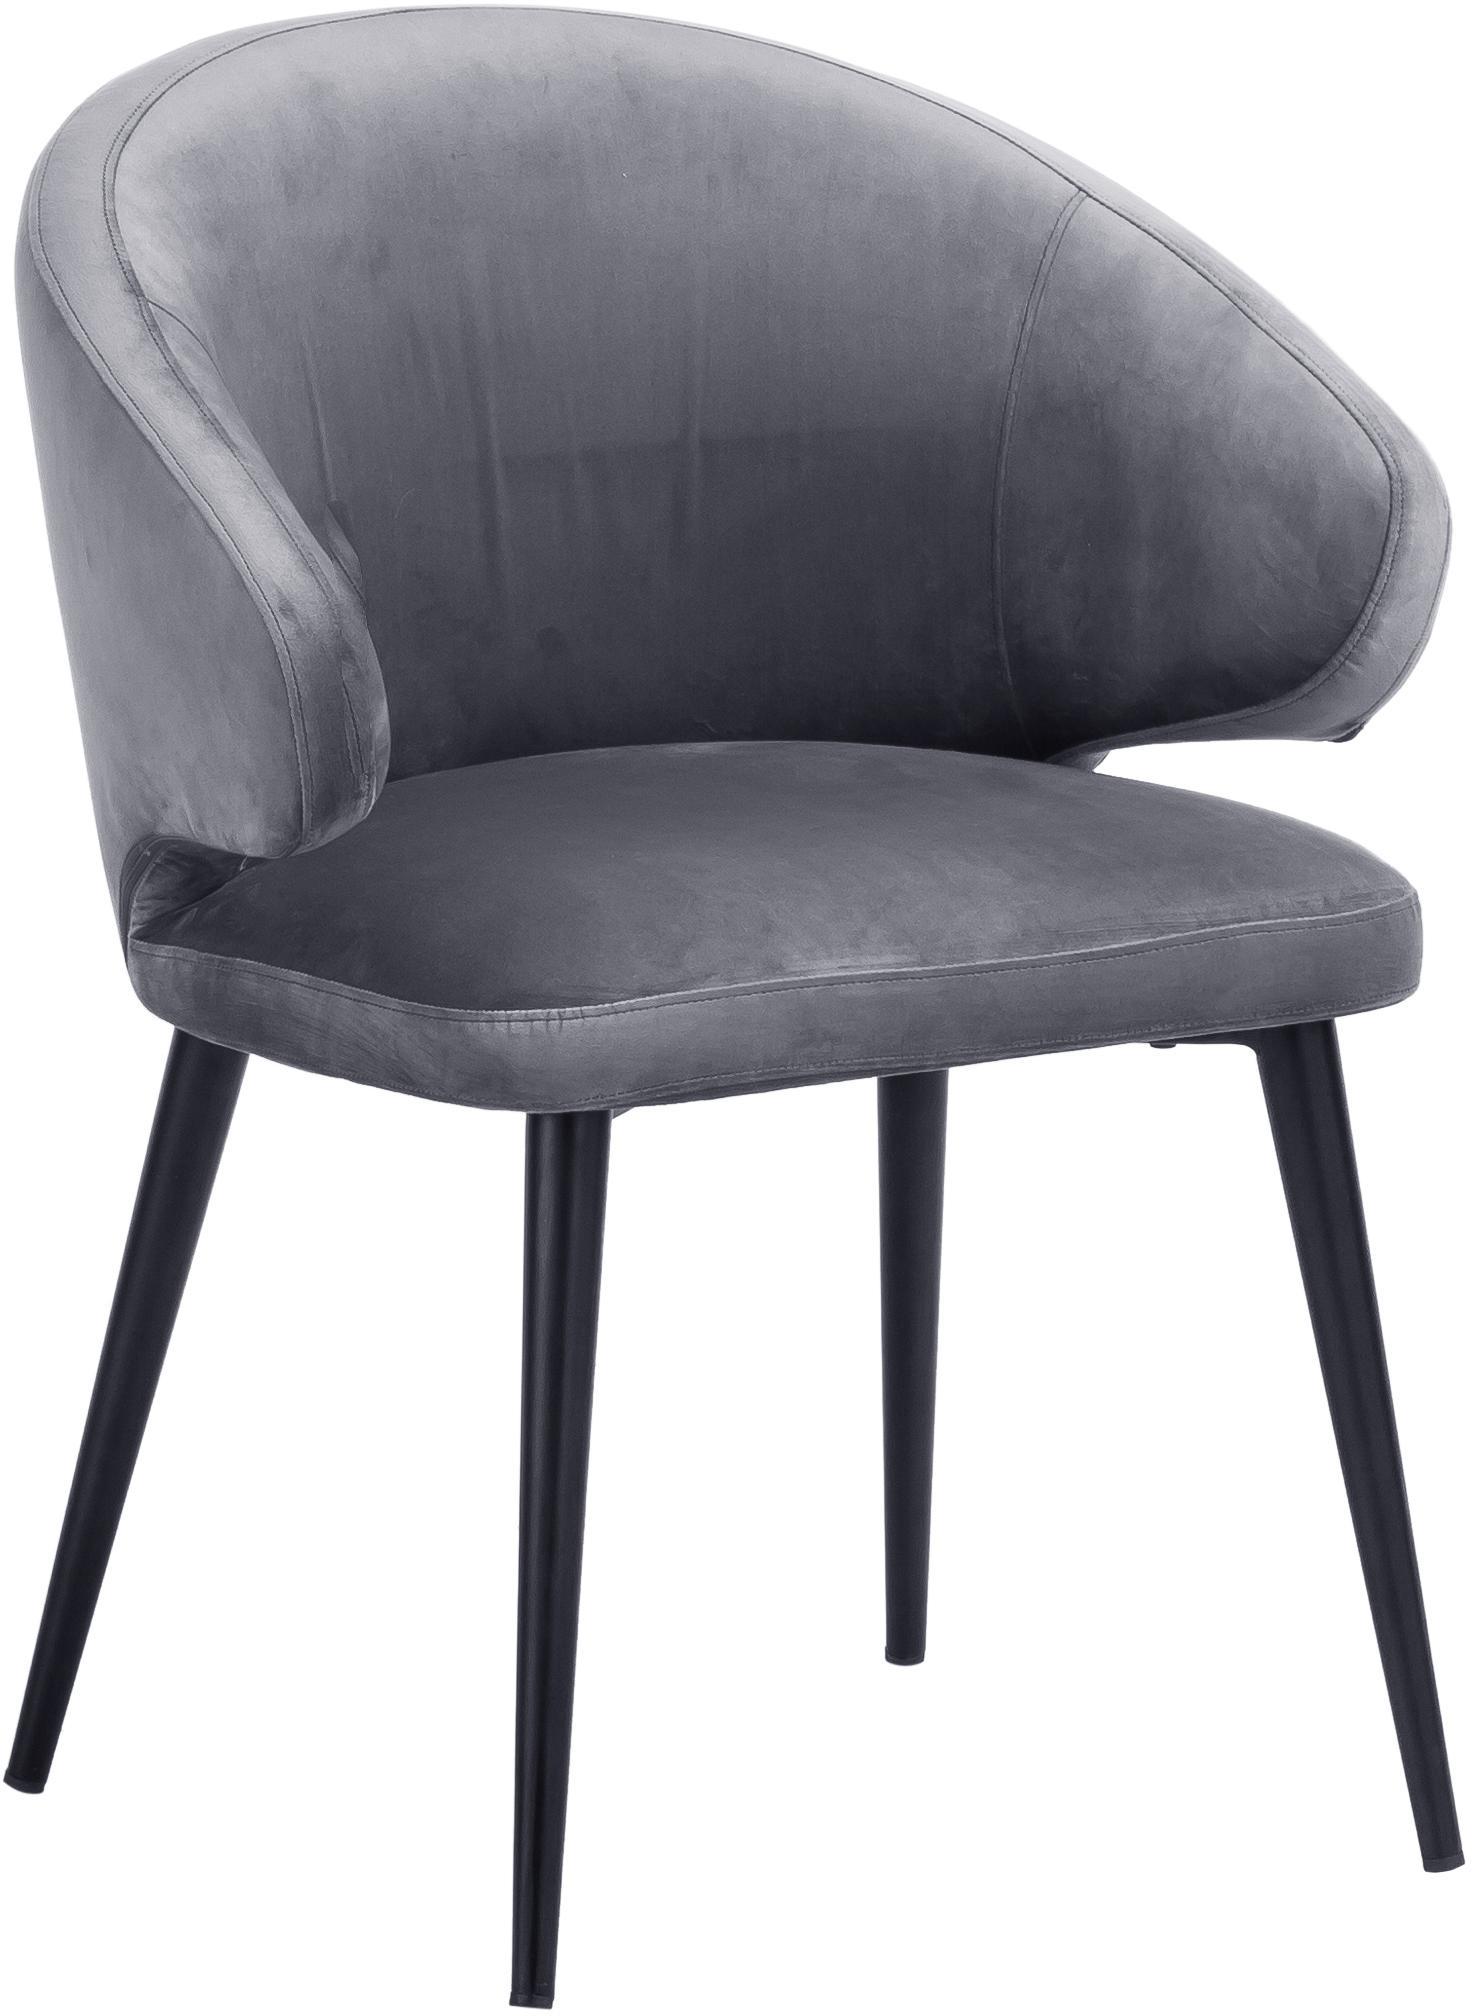 Sedia con braccioli in velluto Celia, Rivestimento: velluto (poliestere) 50.0, Gambe: metallo verniciato a polv, Velluto grigio acciaio, Larg. 57 x Prof. 62 cm